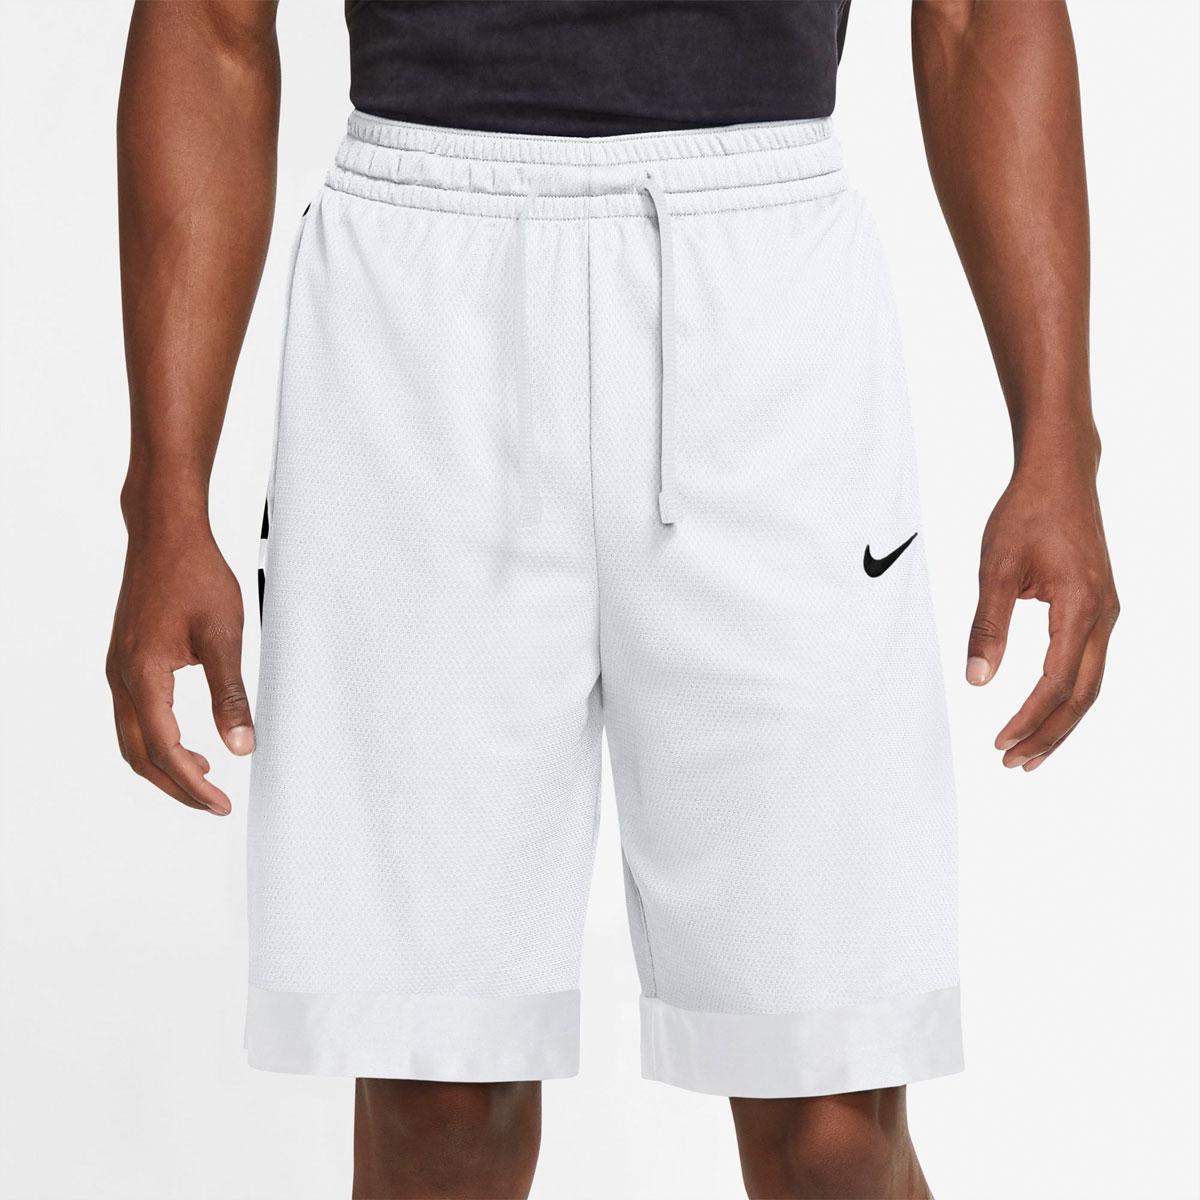 Men's Dry Elite Stripe Shorts, White, swatch